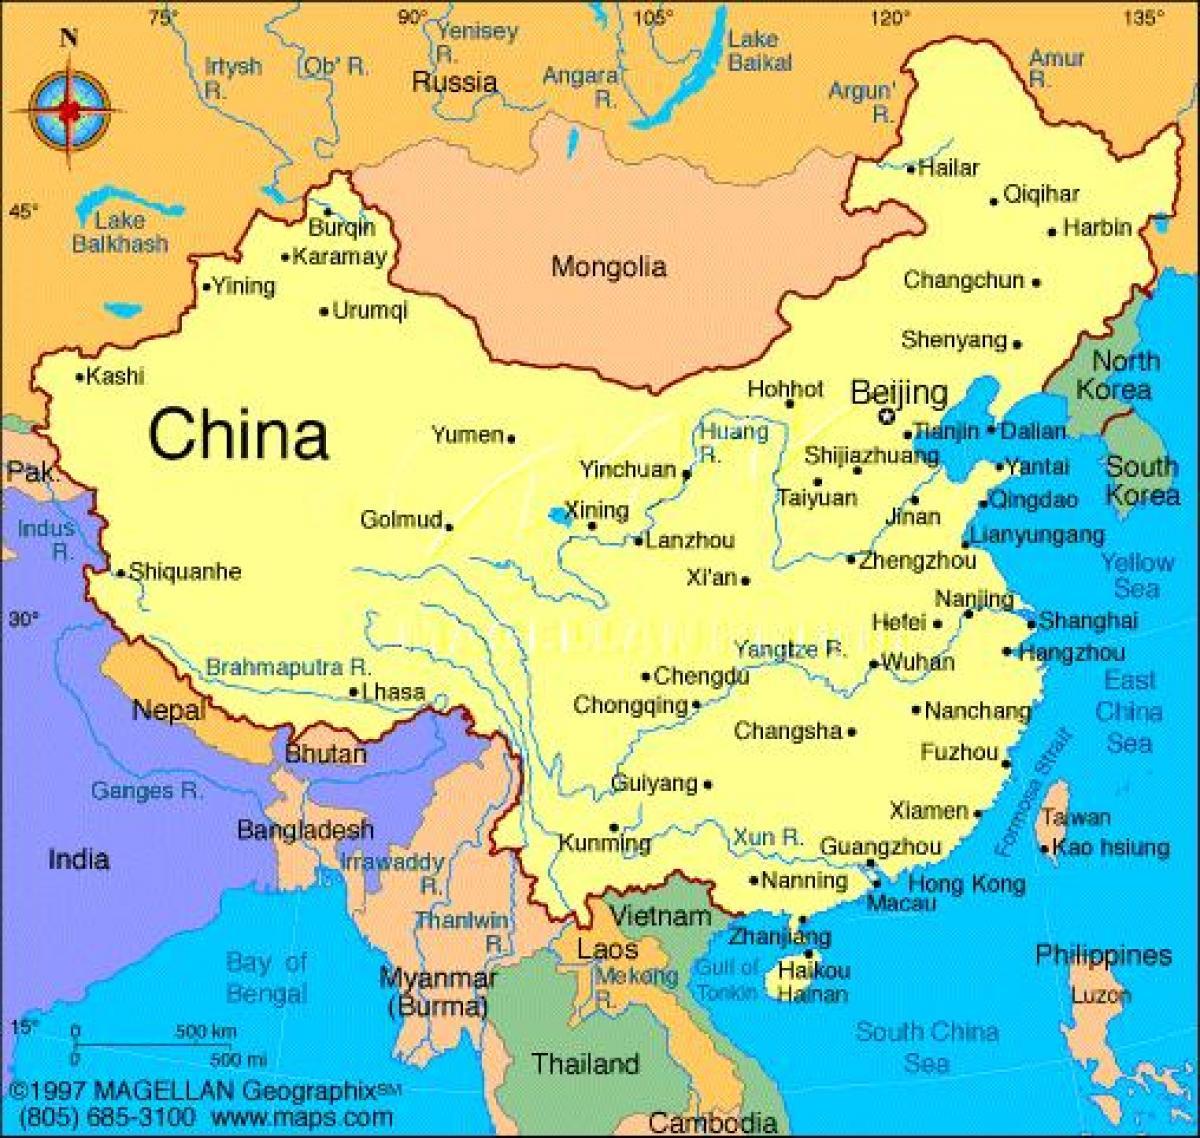 Detaljeret Kort Over Kina Kina Detaljeret Kort Ostlige Asien